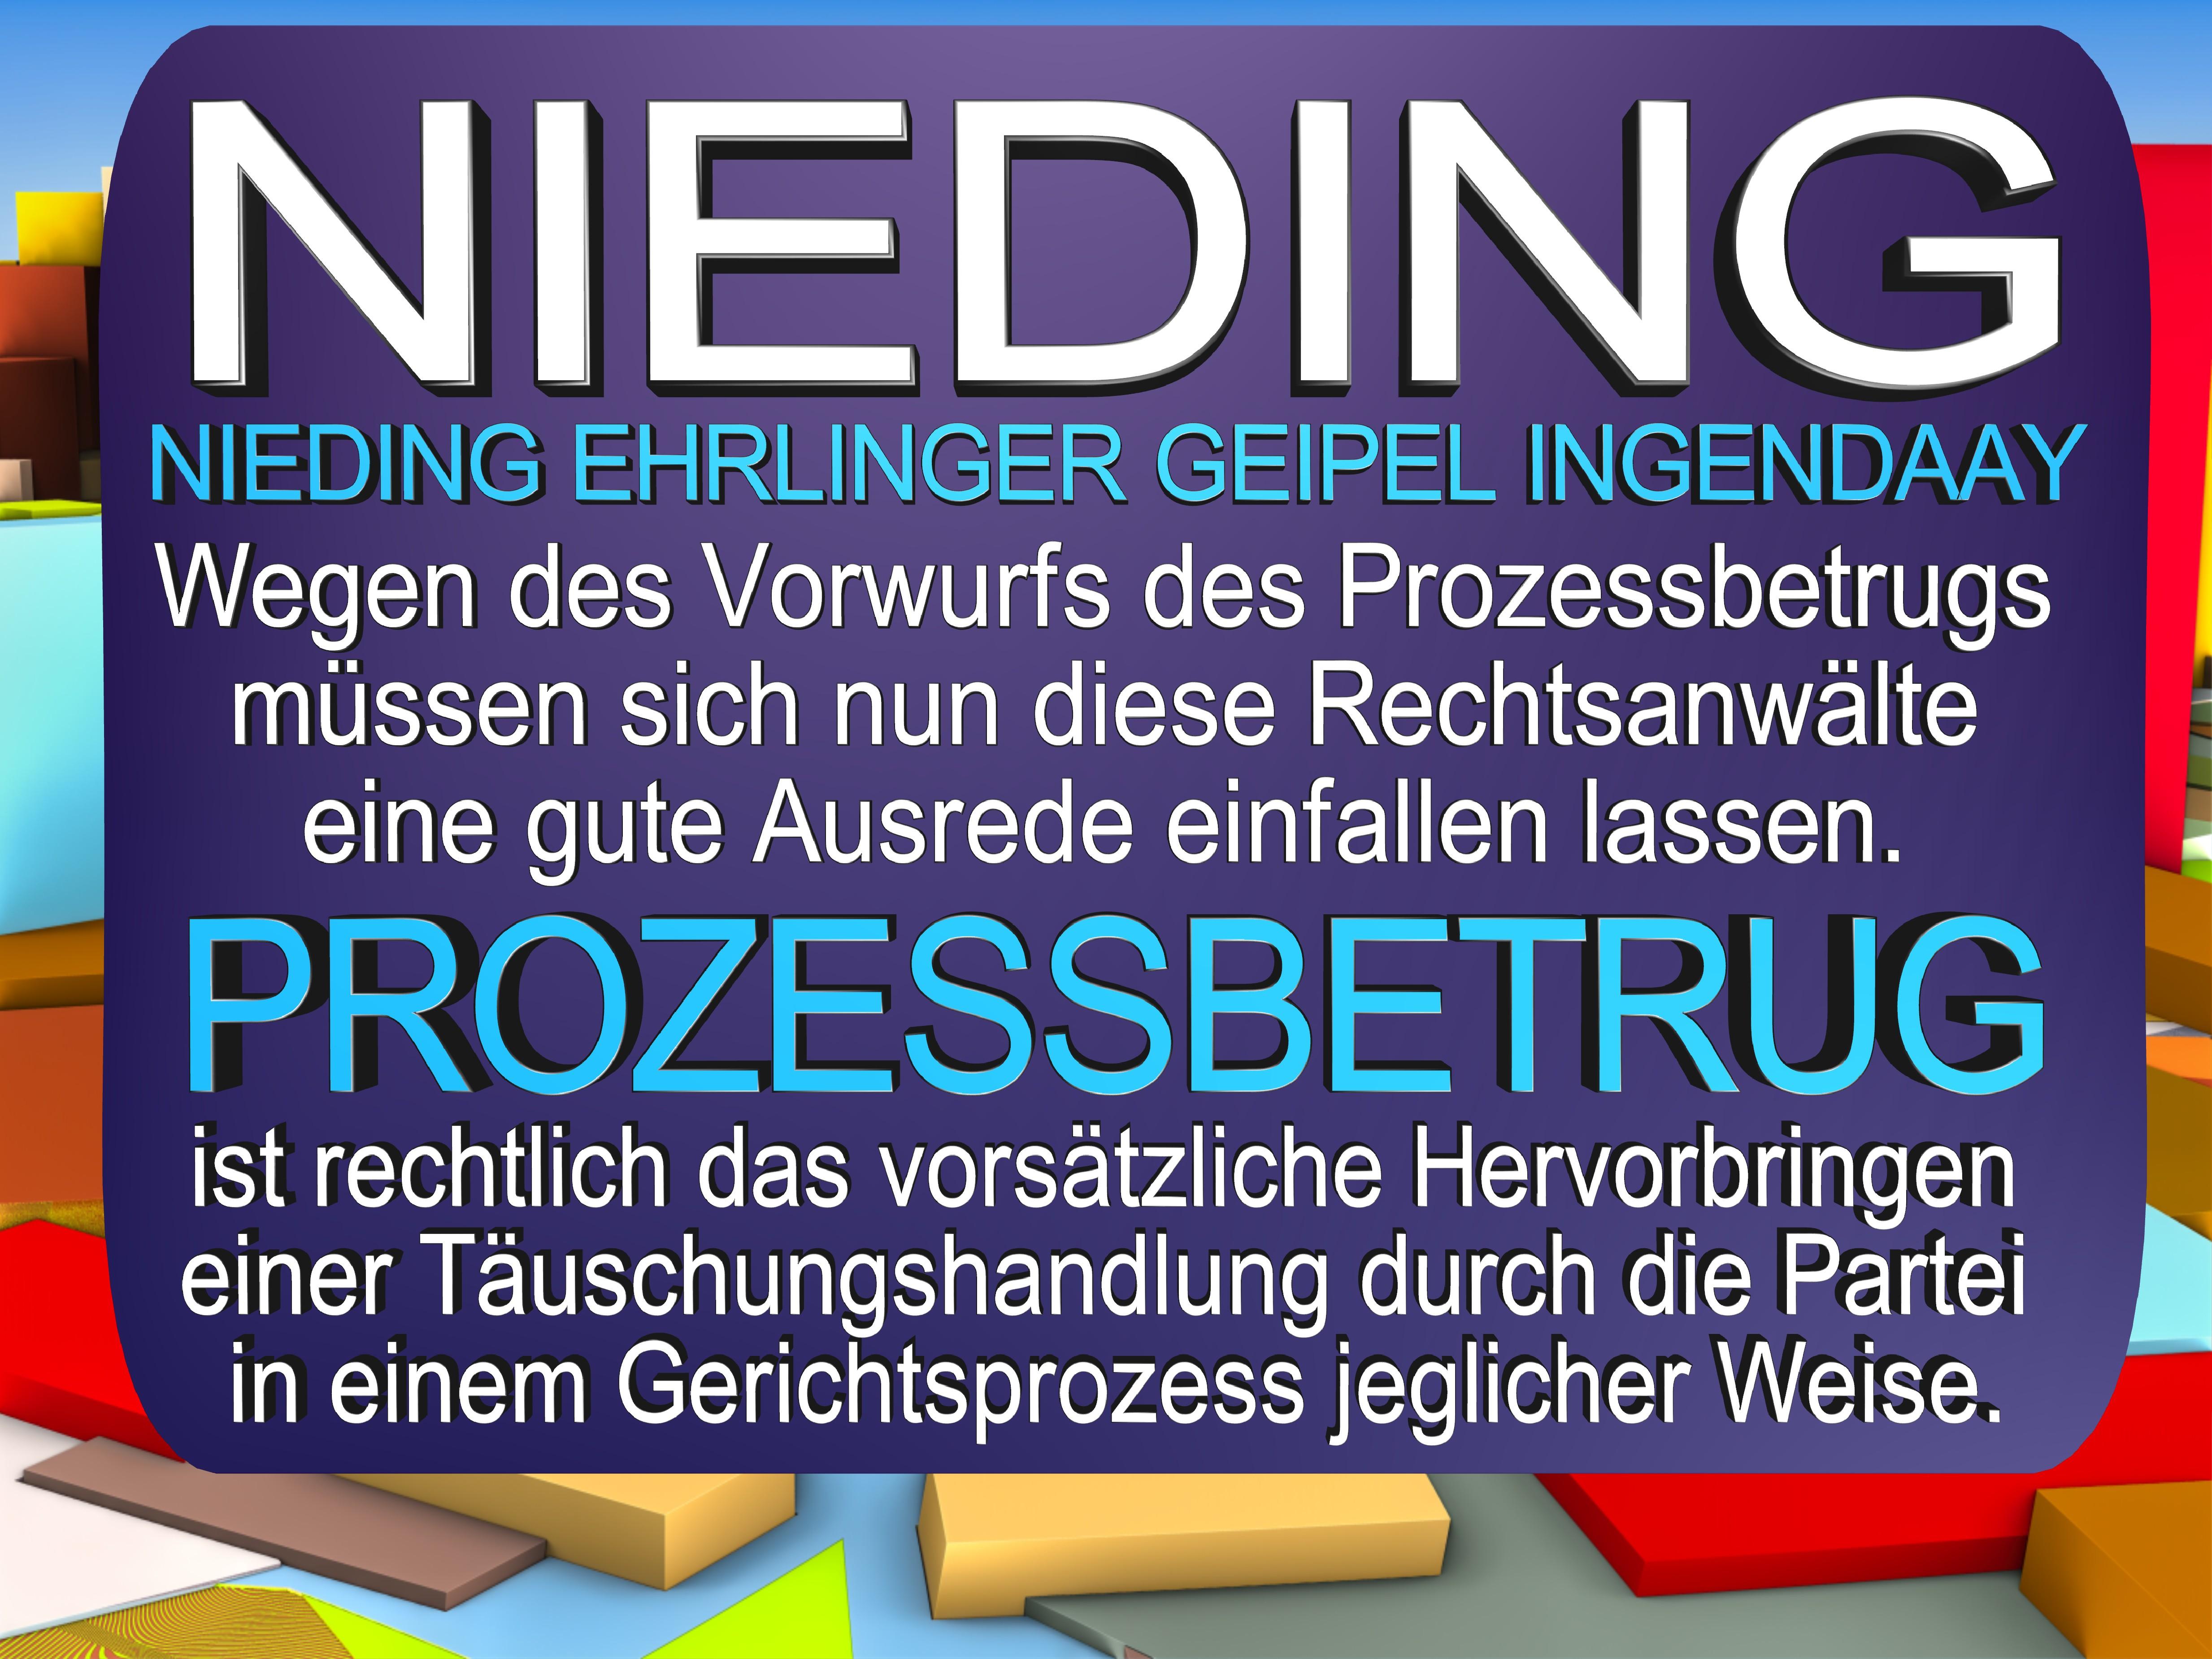 NIEDING EHRLINGER GEIPEL INGENDAAY LELKE Kurfürstendamm 66 Berlin (119)